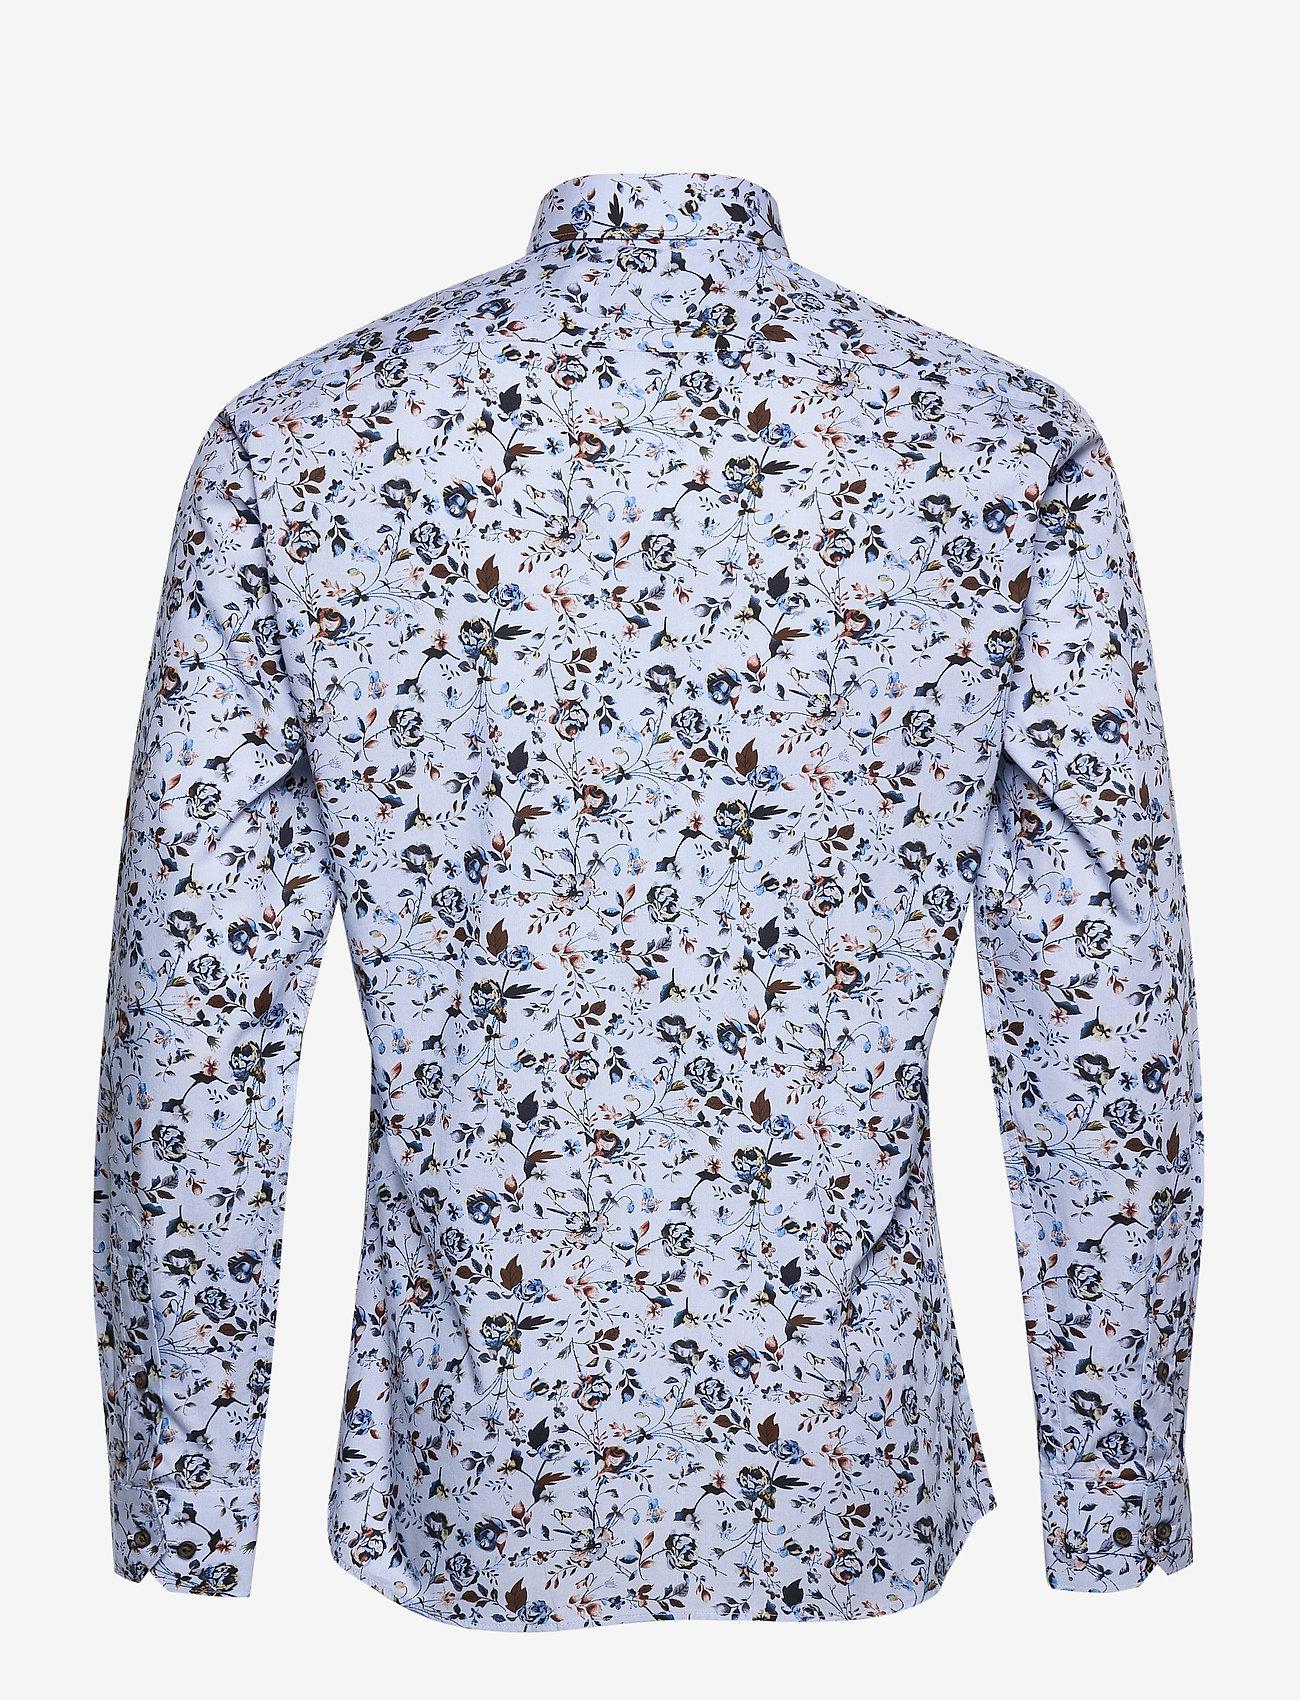 Seven Seas Copenhagen BUGATTI - Skjorter BLUE - Menn Klær